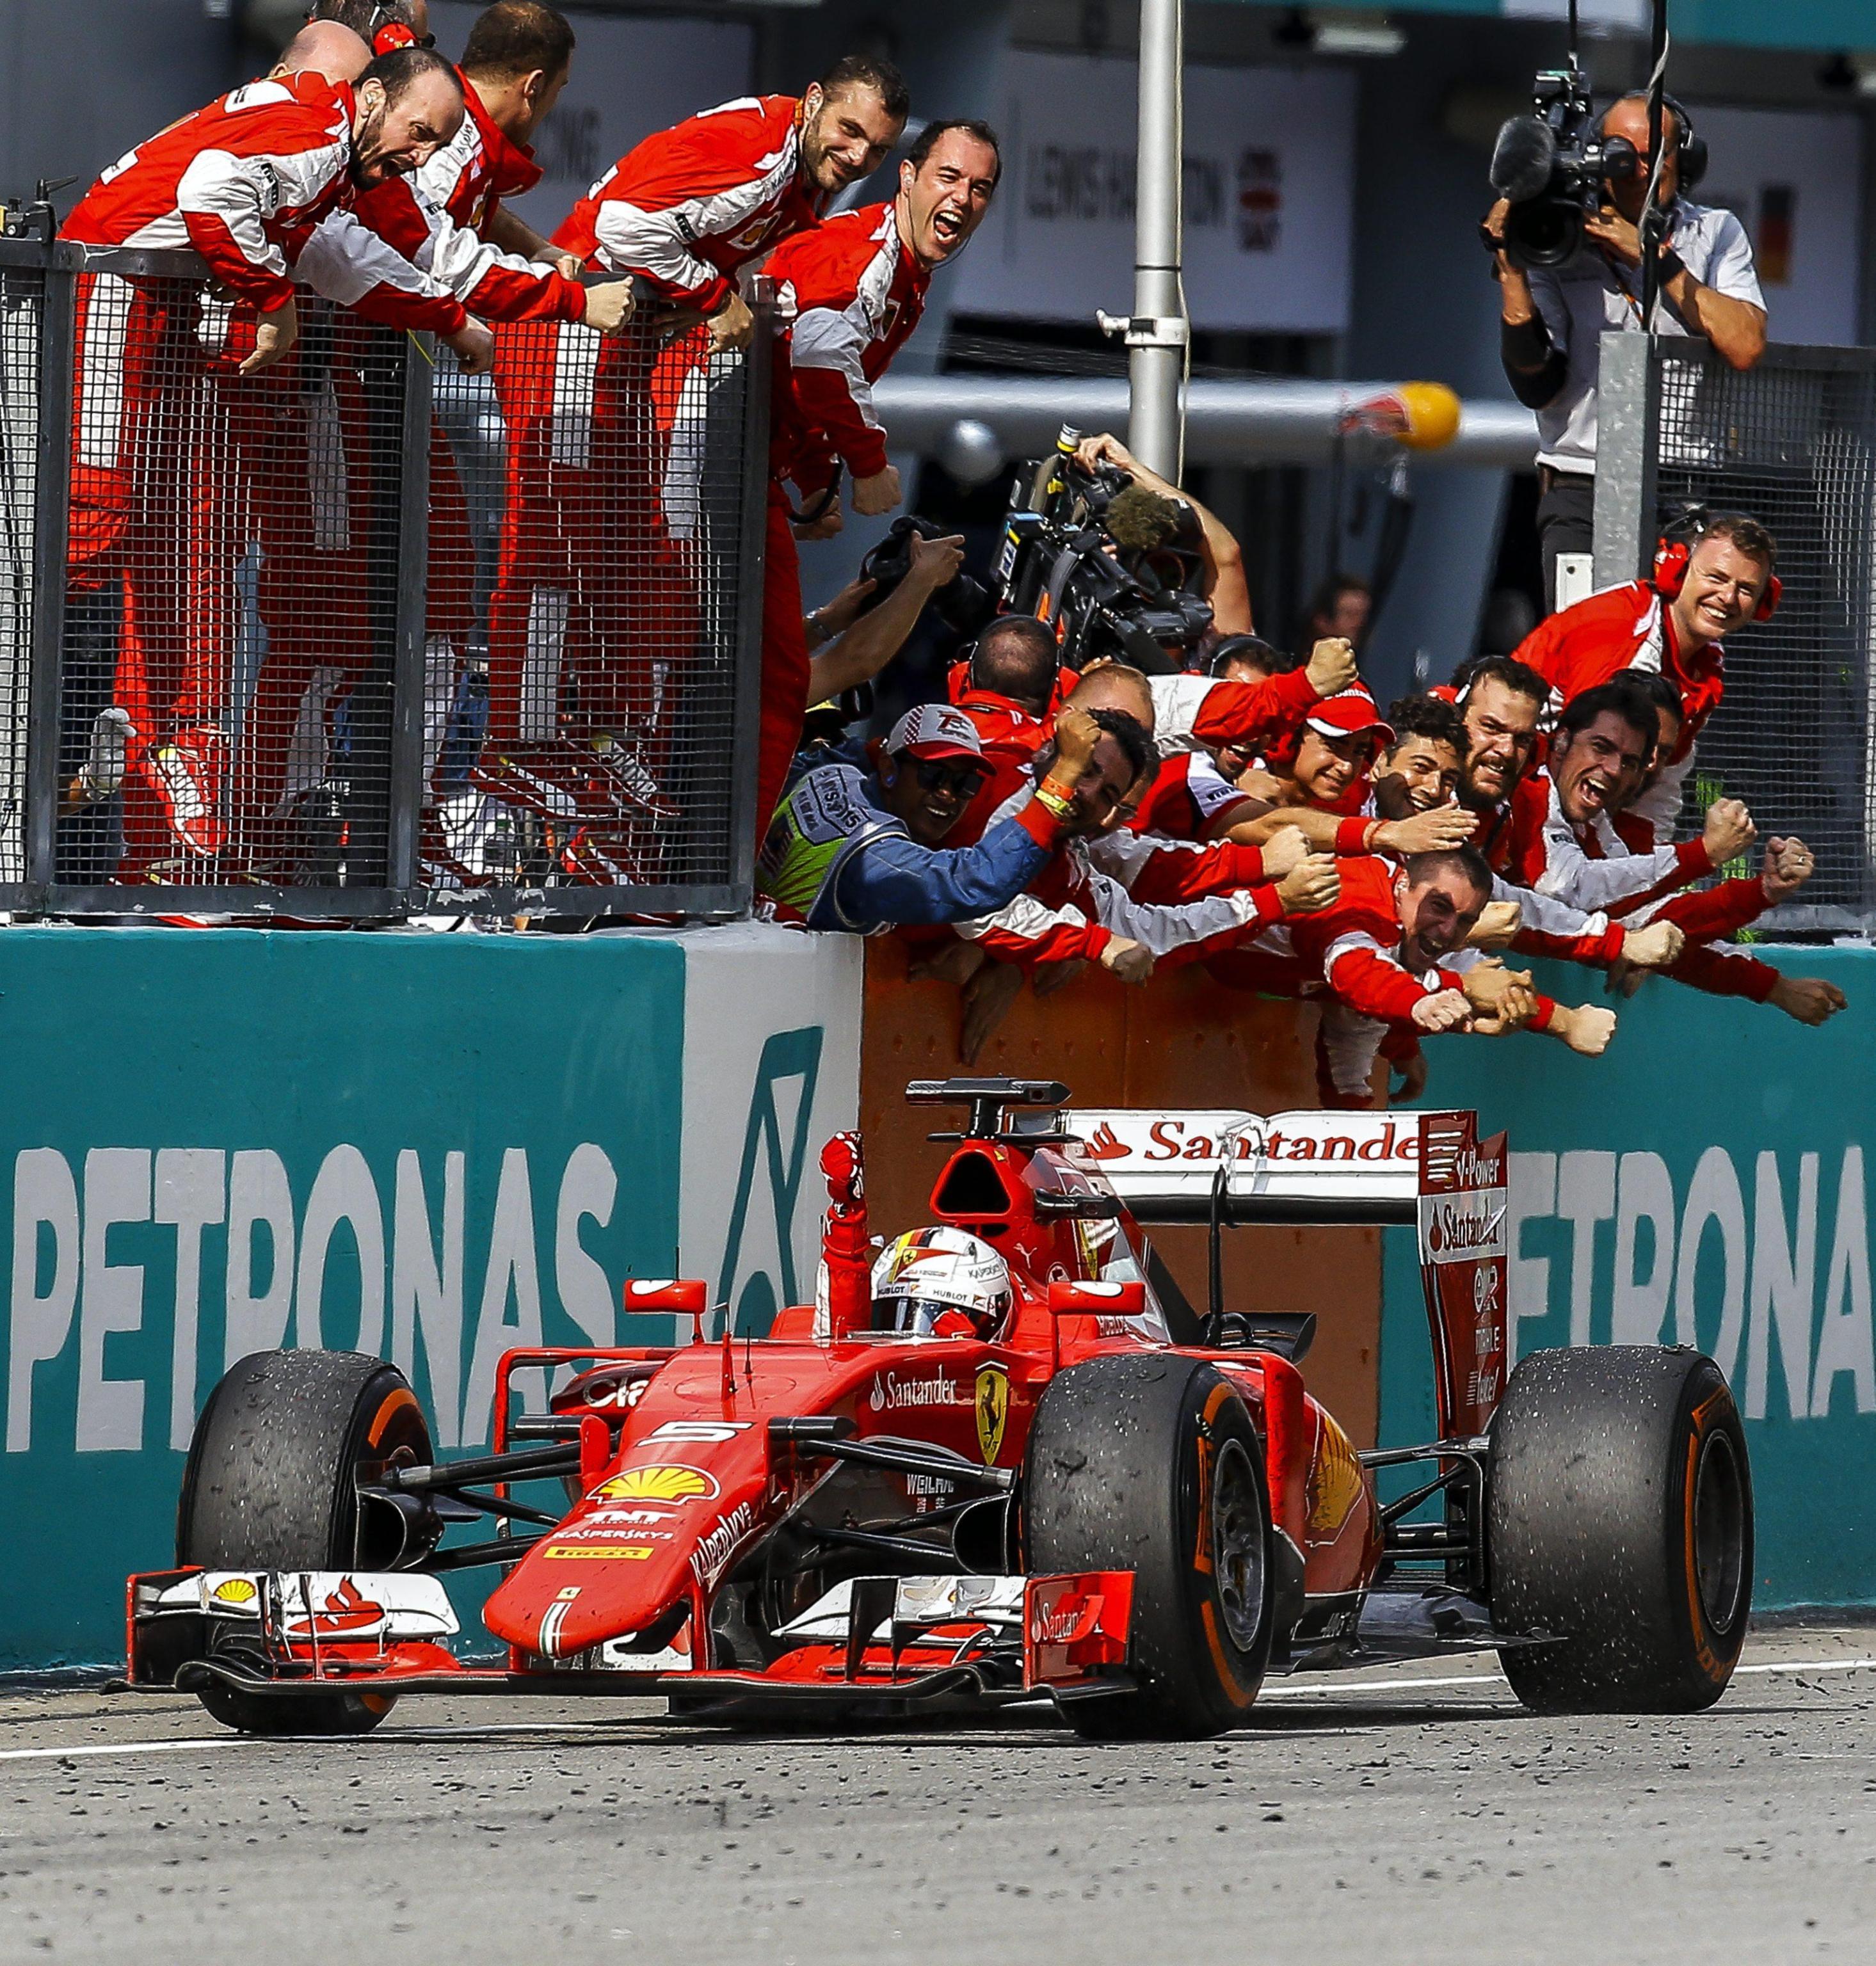 02 Ferrari & Vale